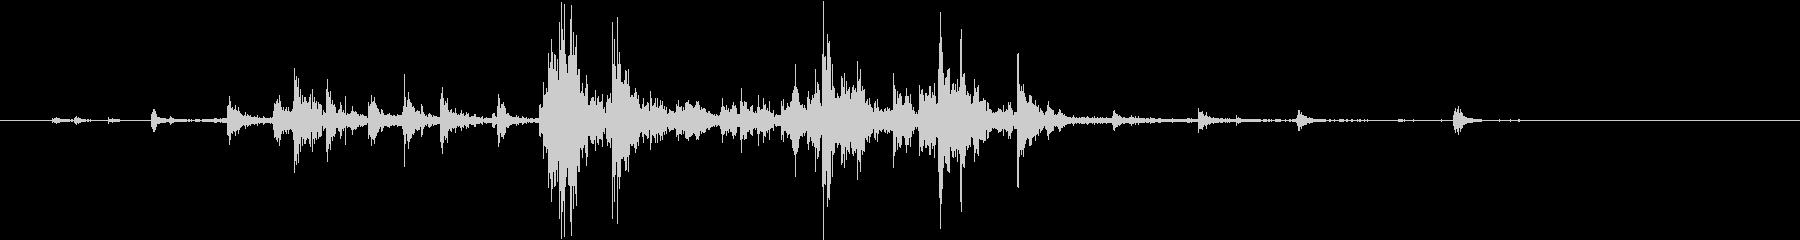 【生録音】ハンガーの音 2 かき分けるの未再生の波形